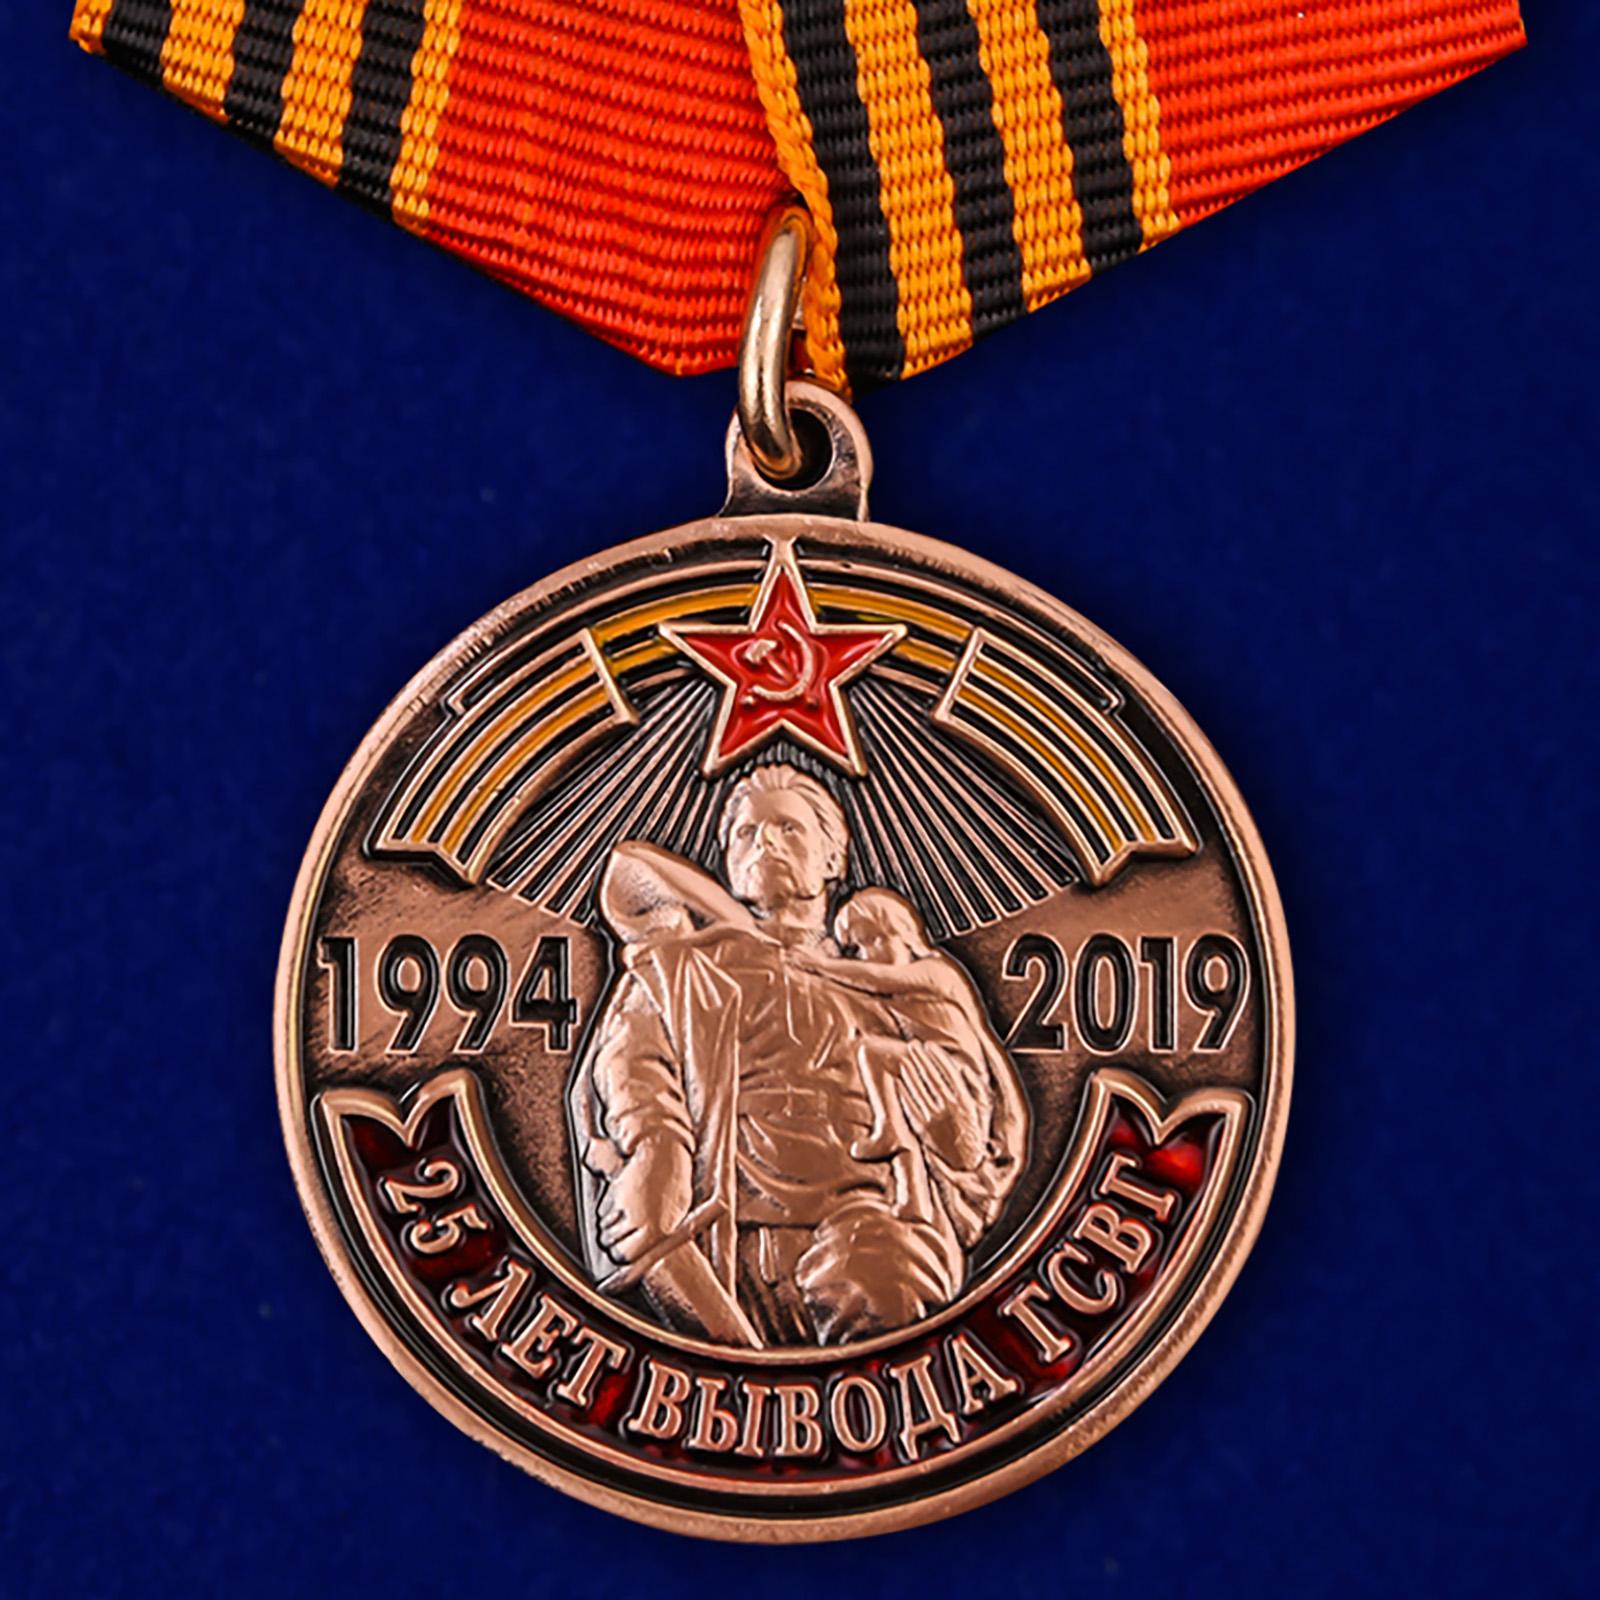 Купить медаль 25 лет вывода ГСВГ на подставке с доставкой в ваш город